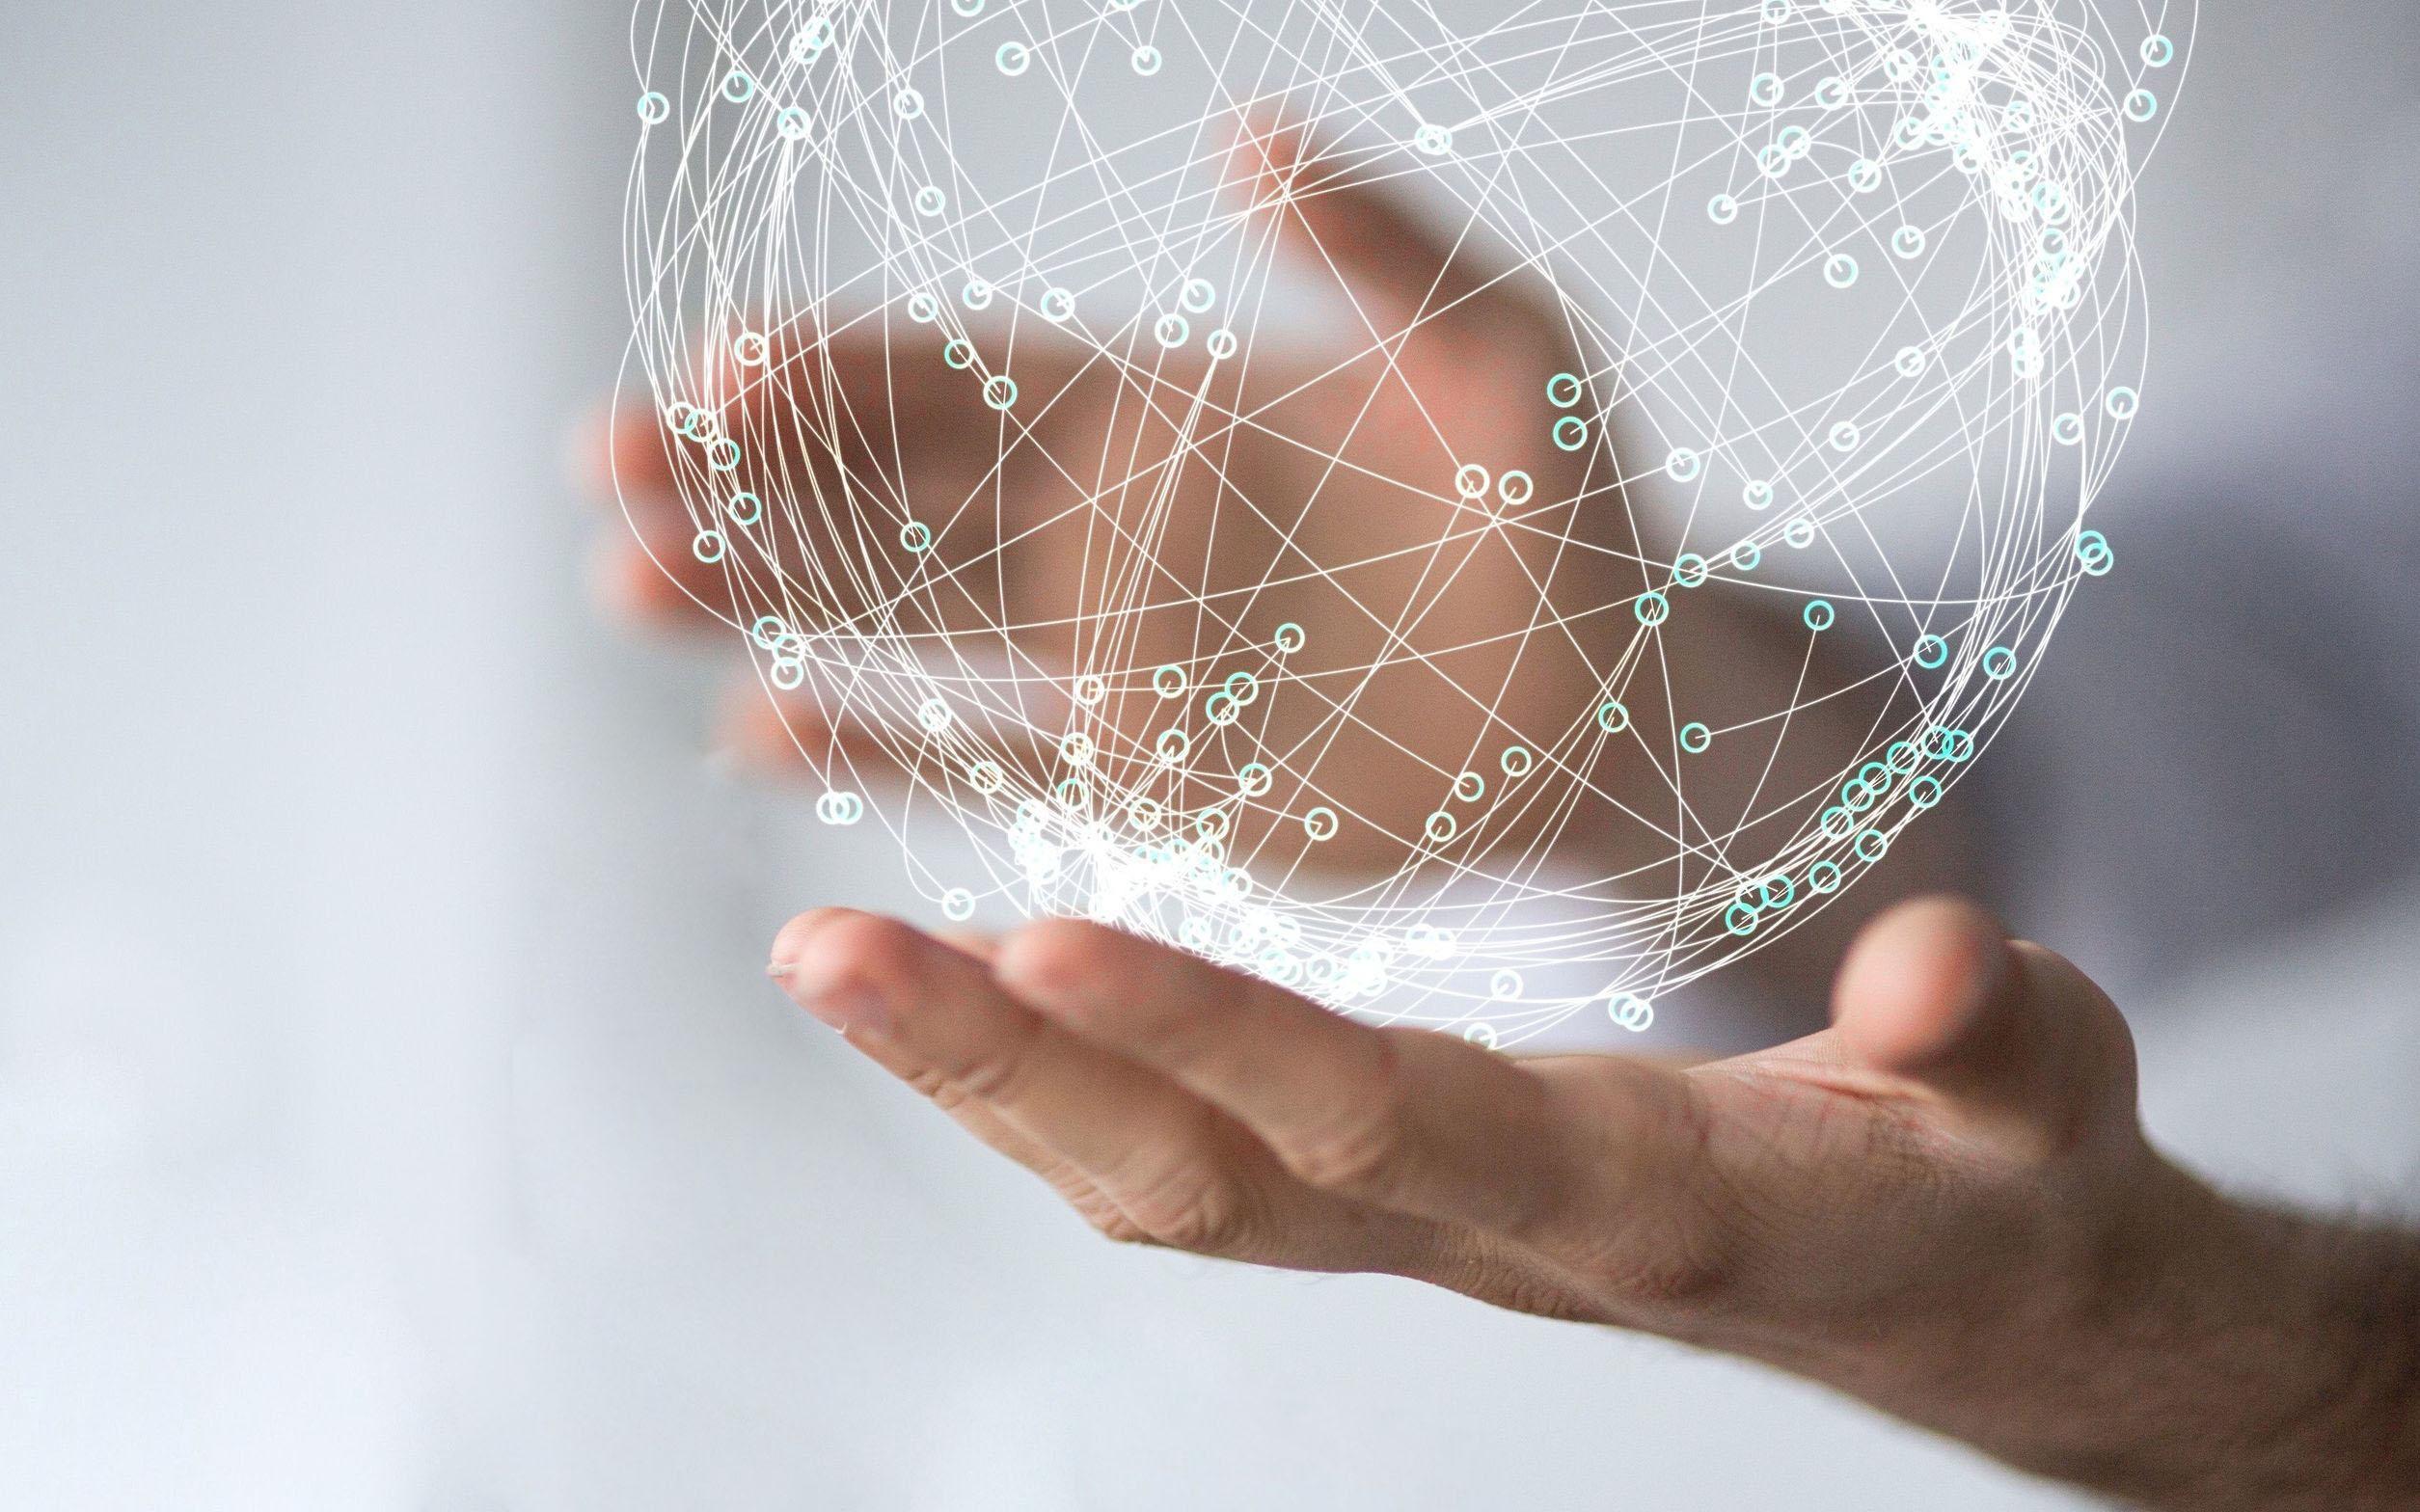 internet in hands